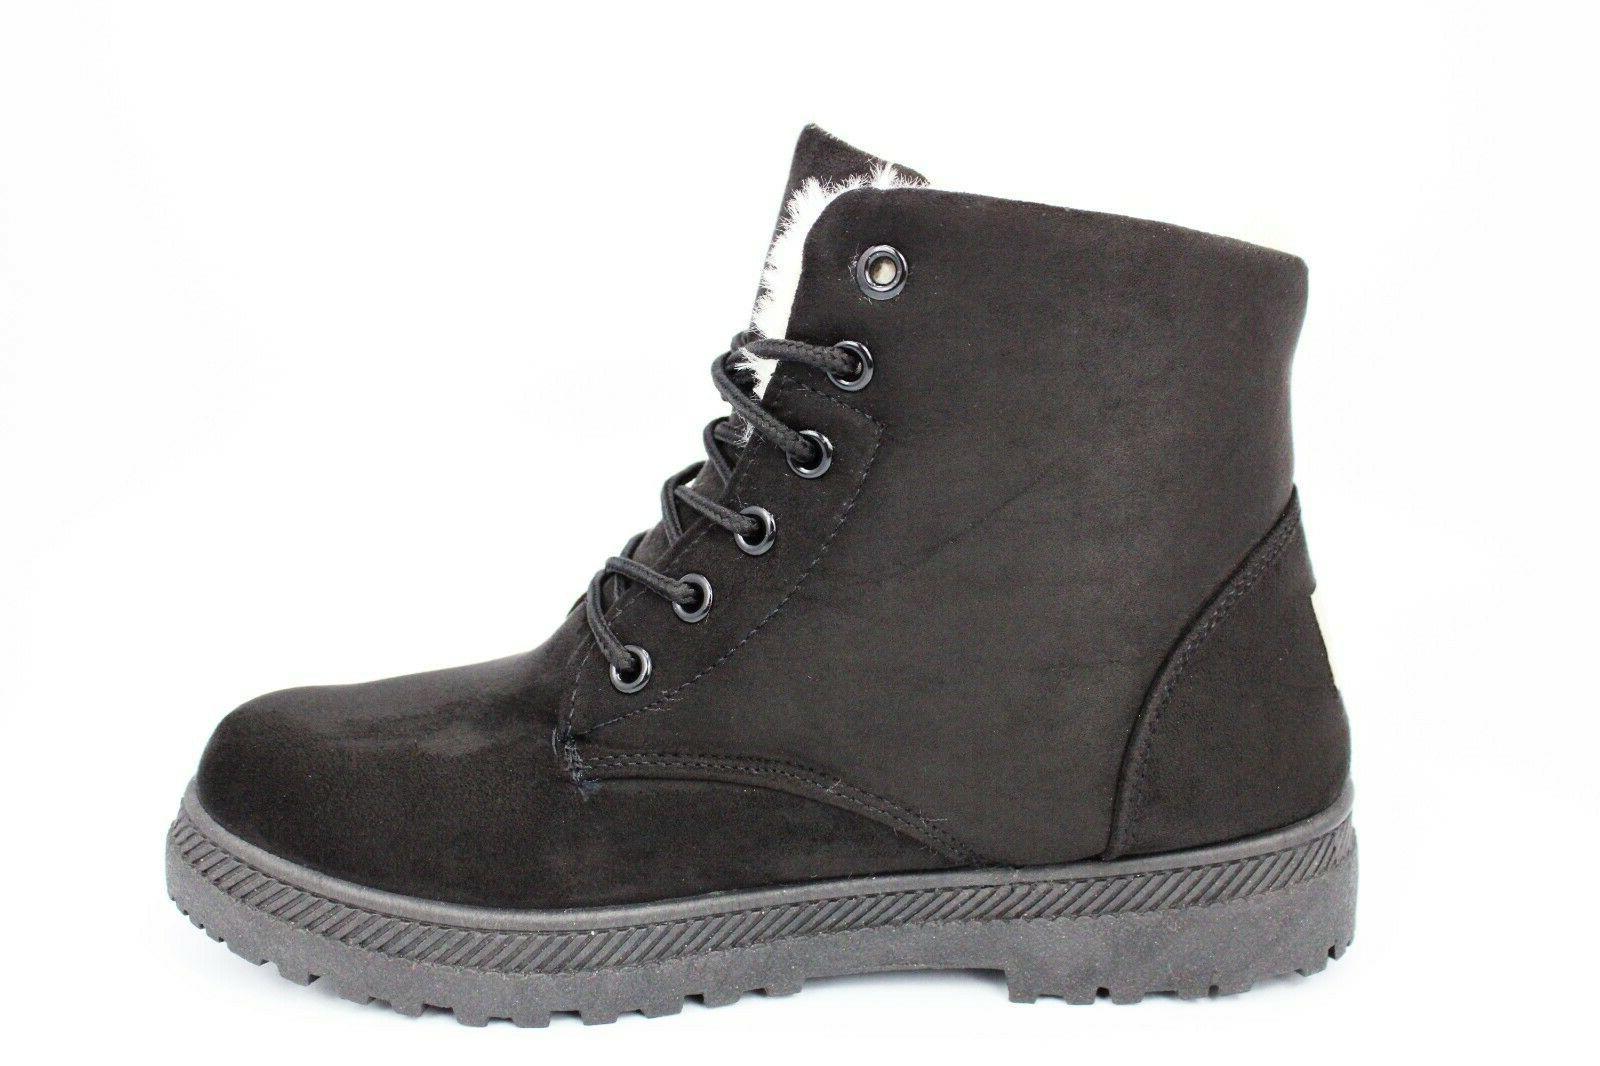 NOT100 Waterproof Boots Combat Booties, Black, 8.5